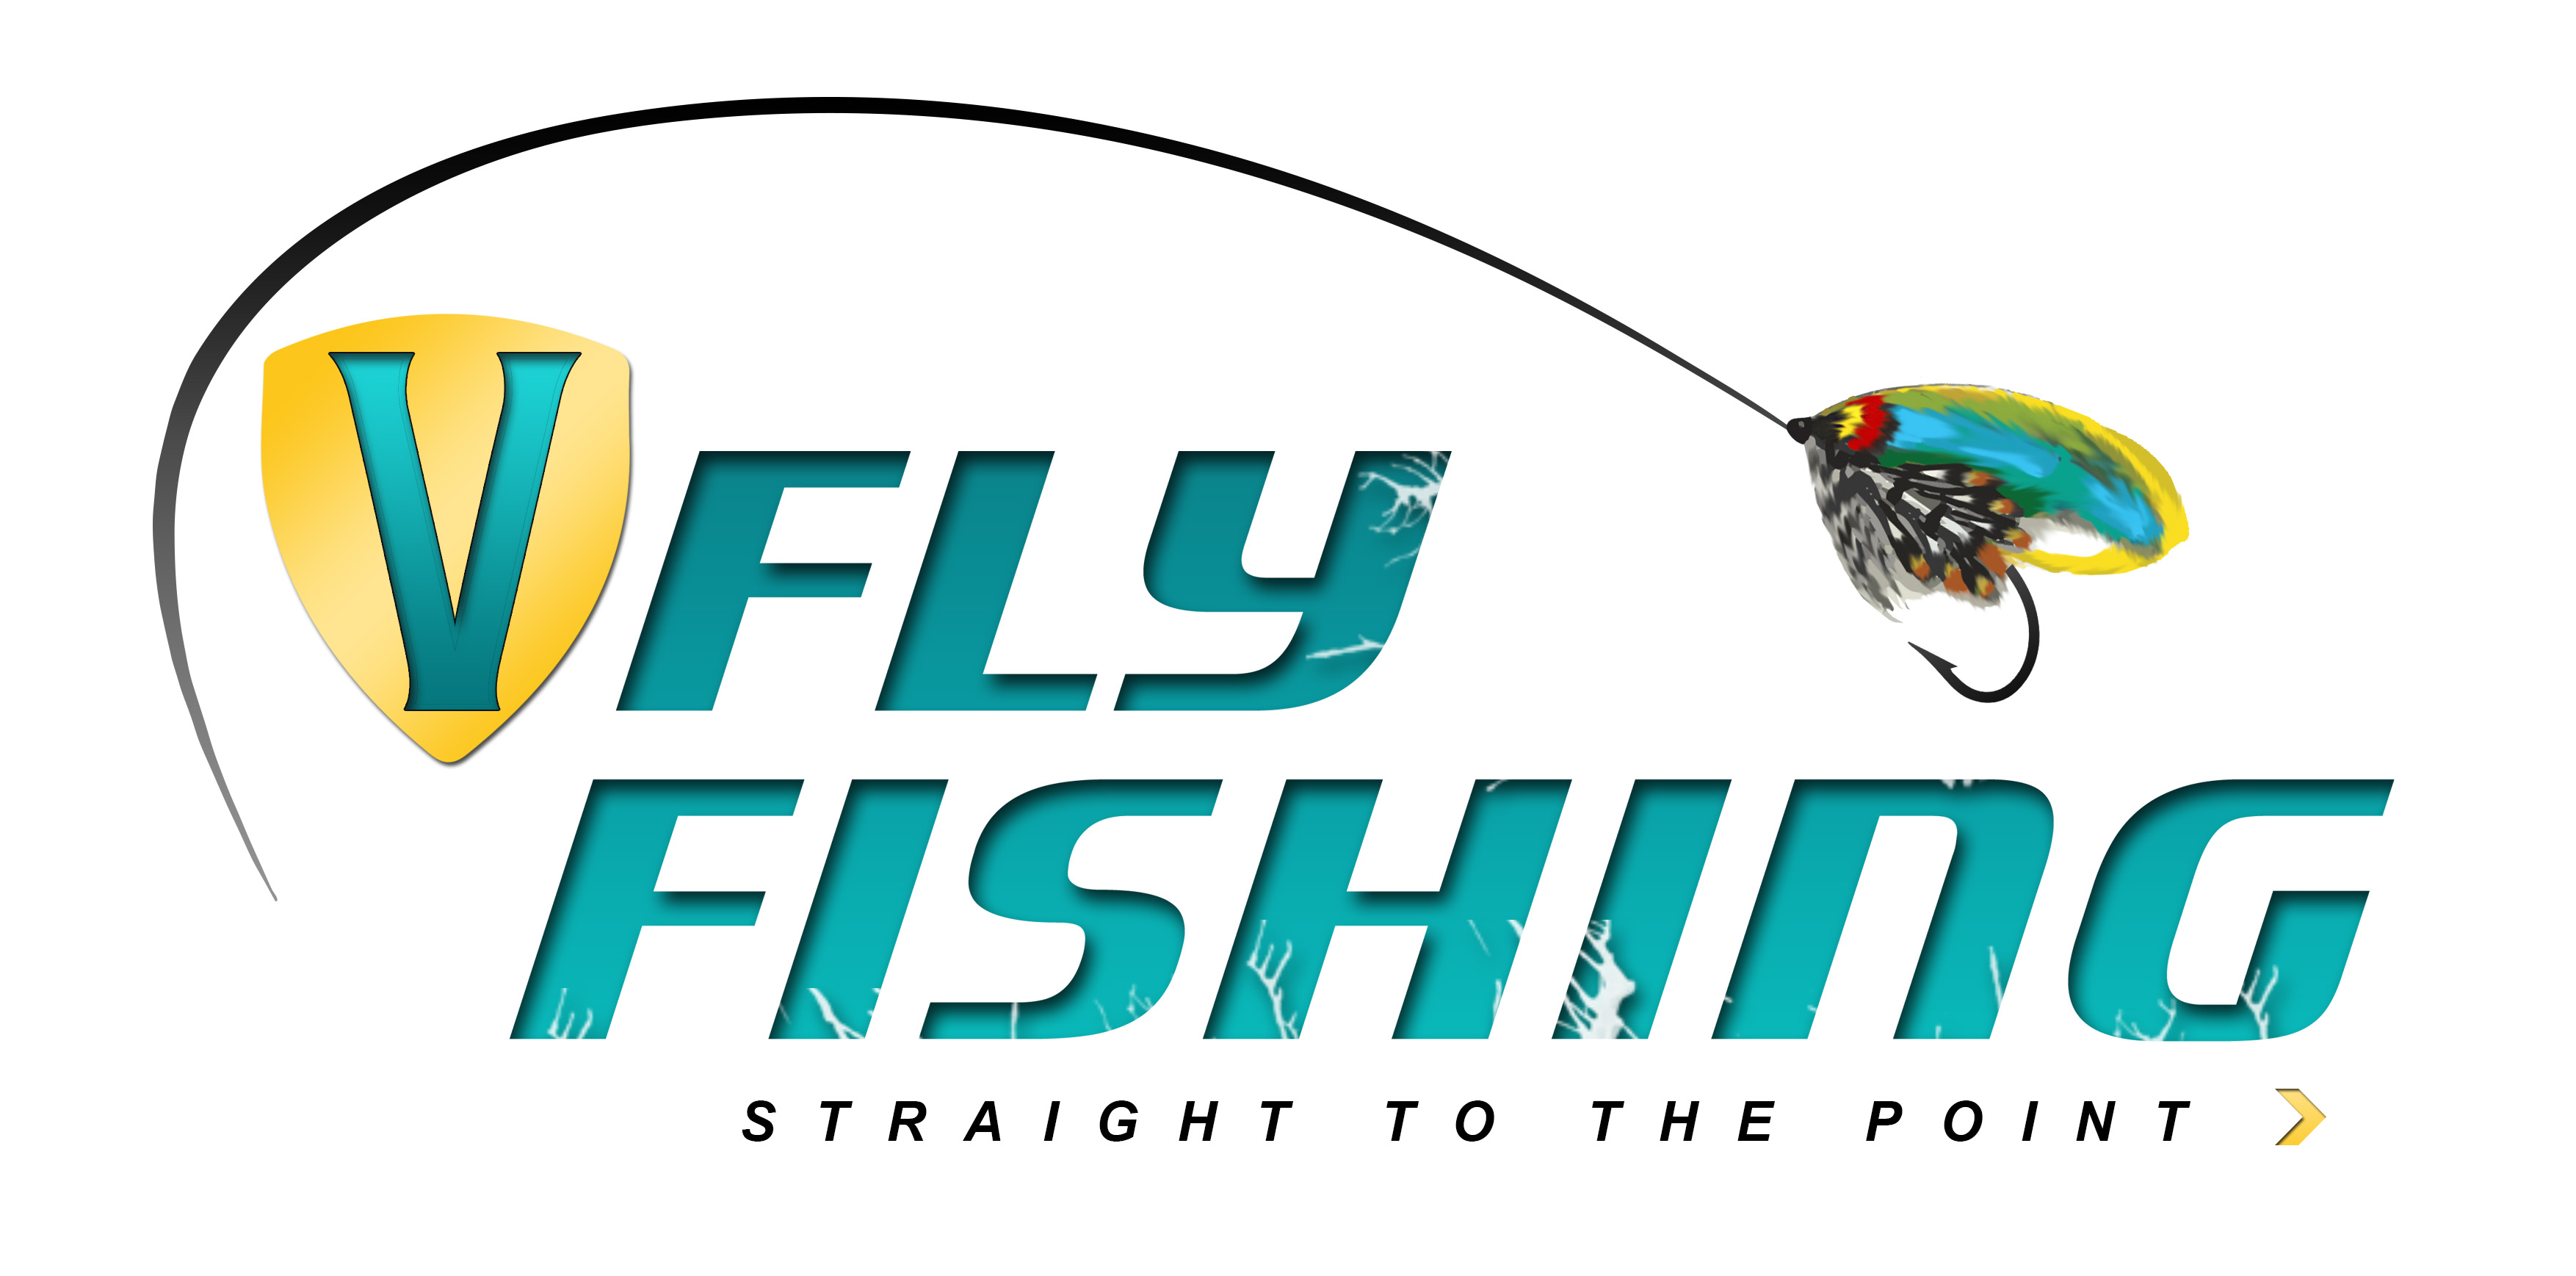 vflyfishing